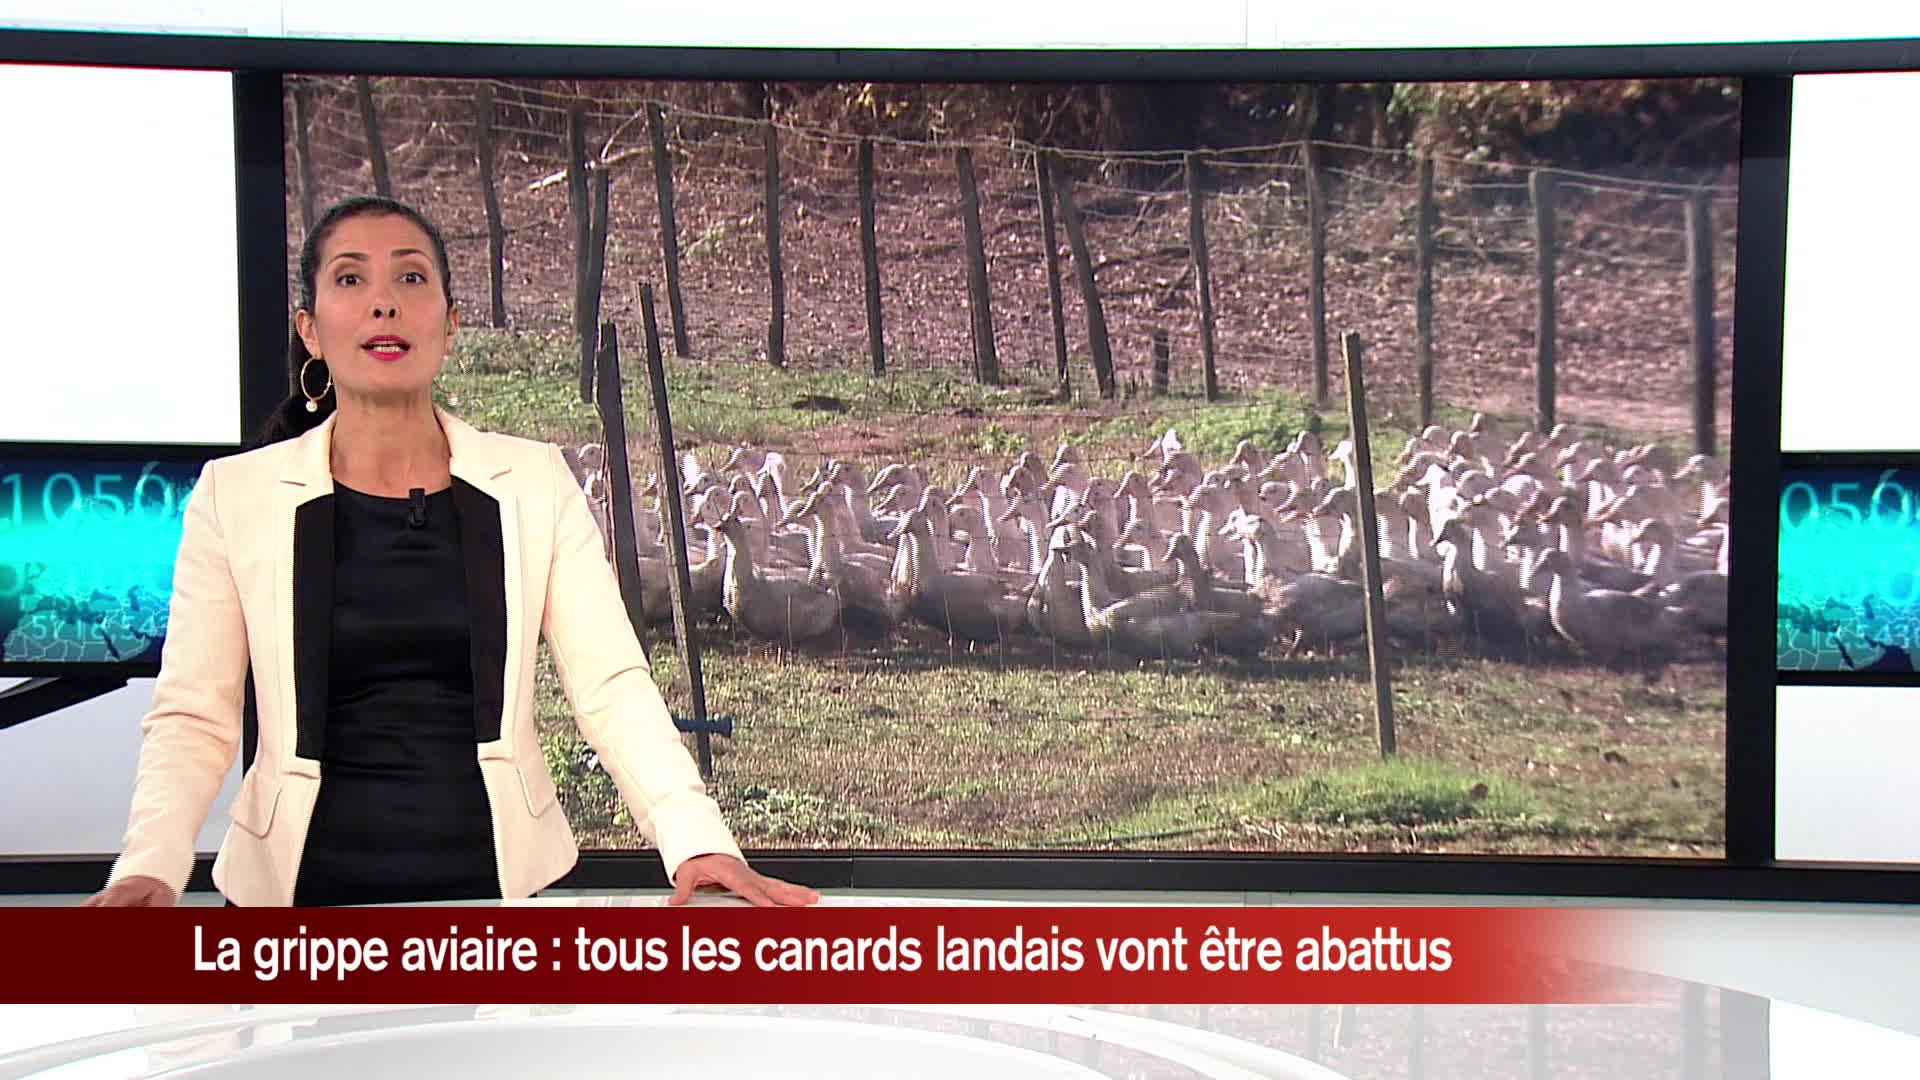 Canards d'élevage abattus dans les Landes / Déclin des multinationales